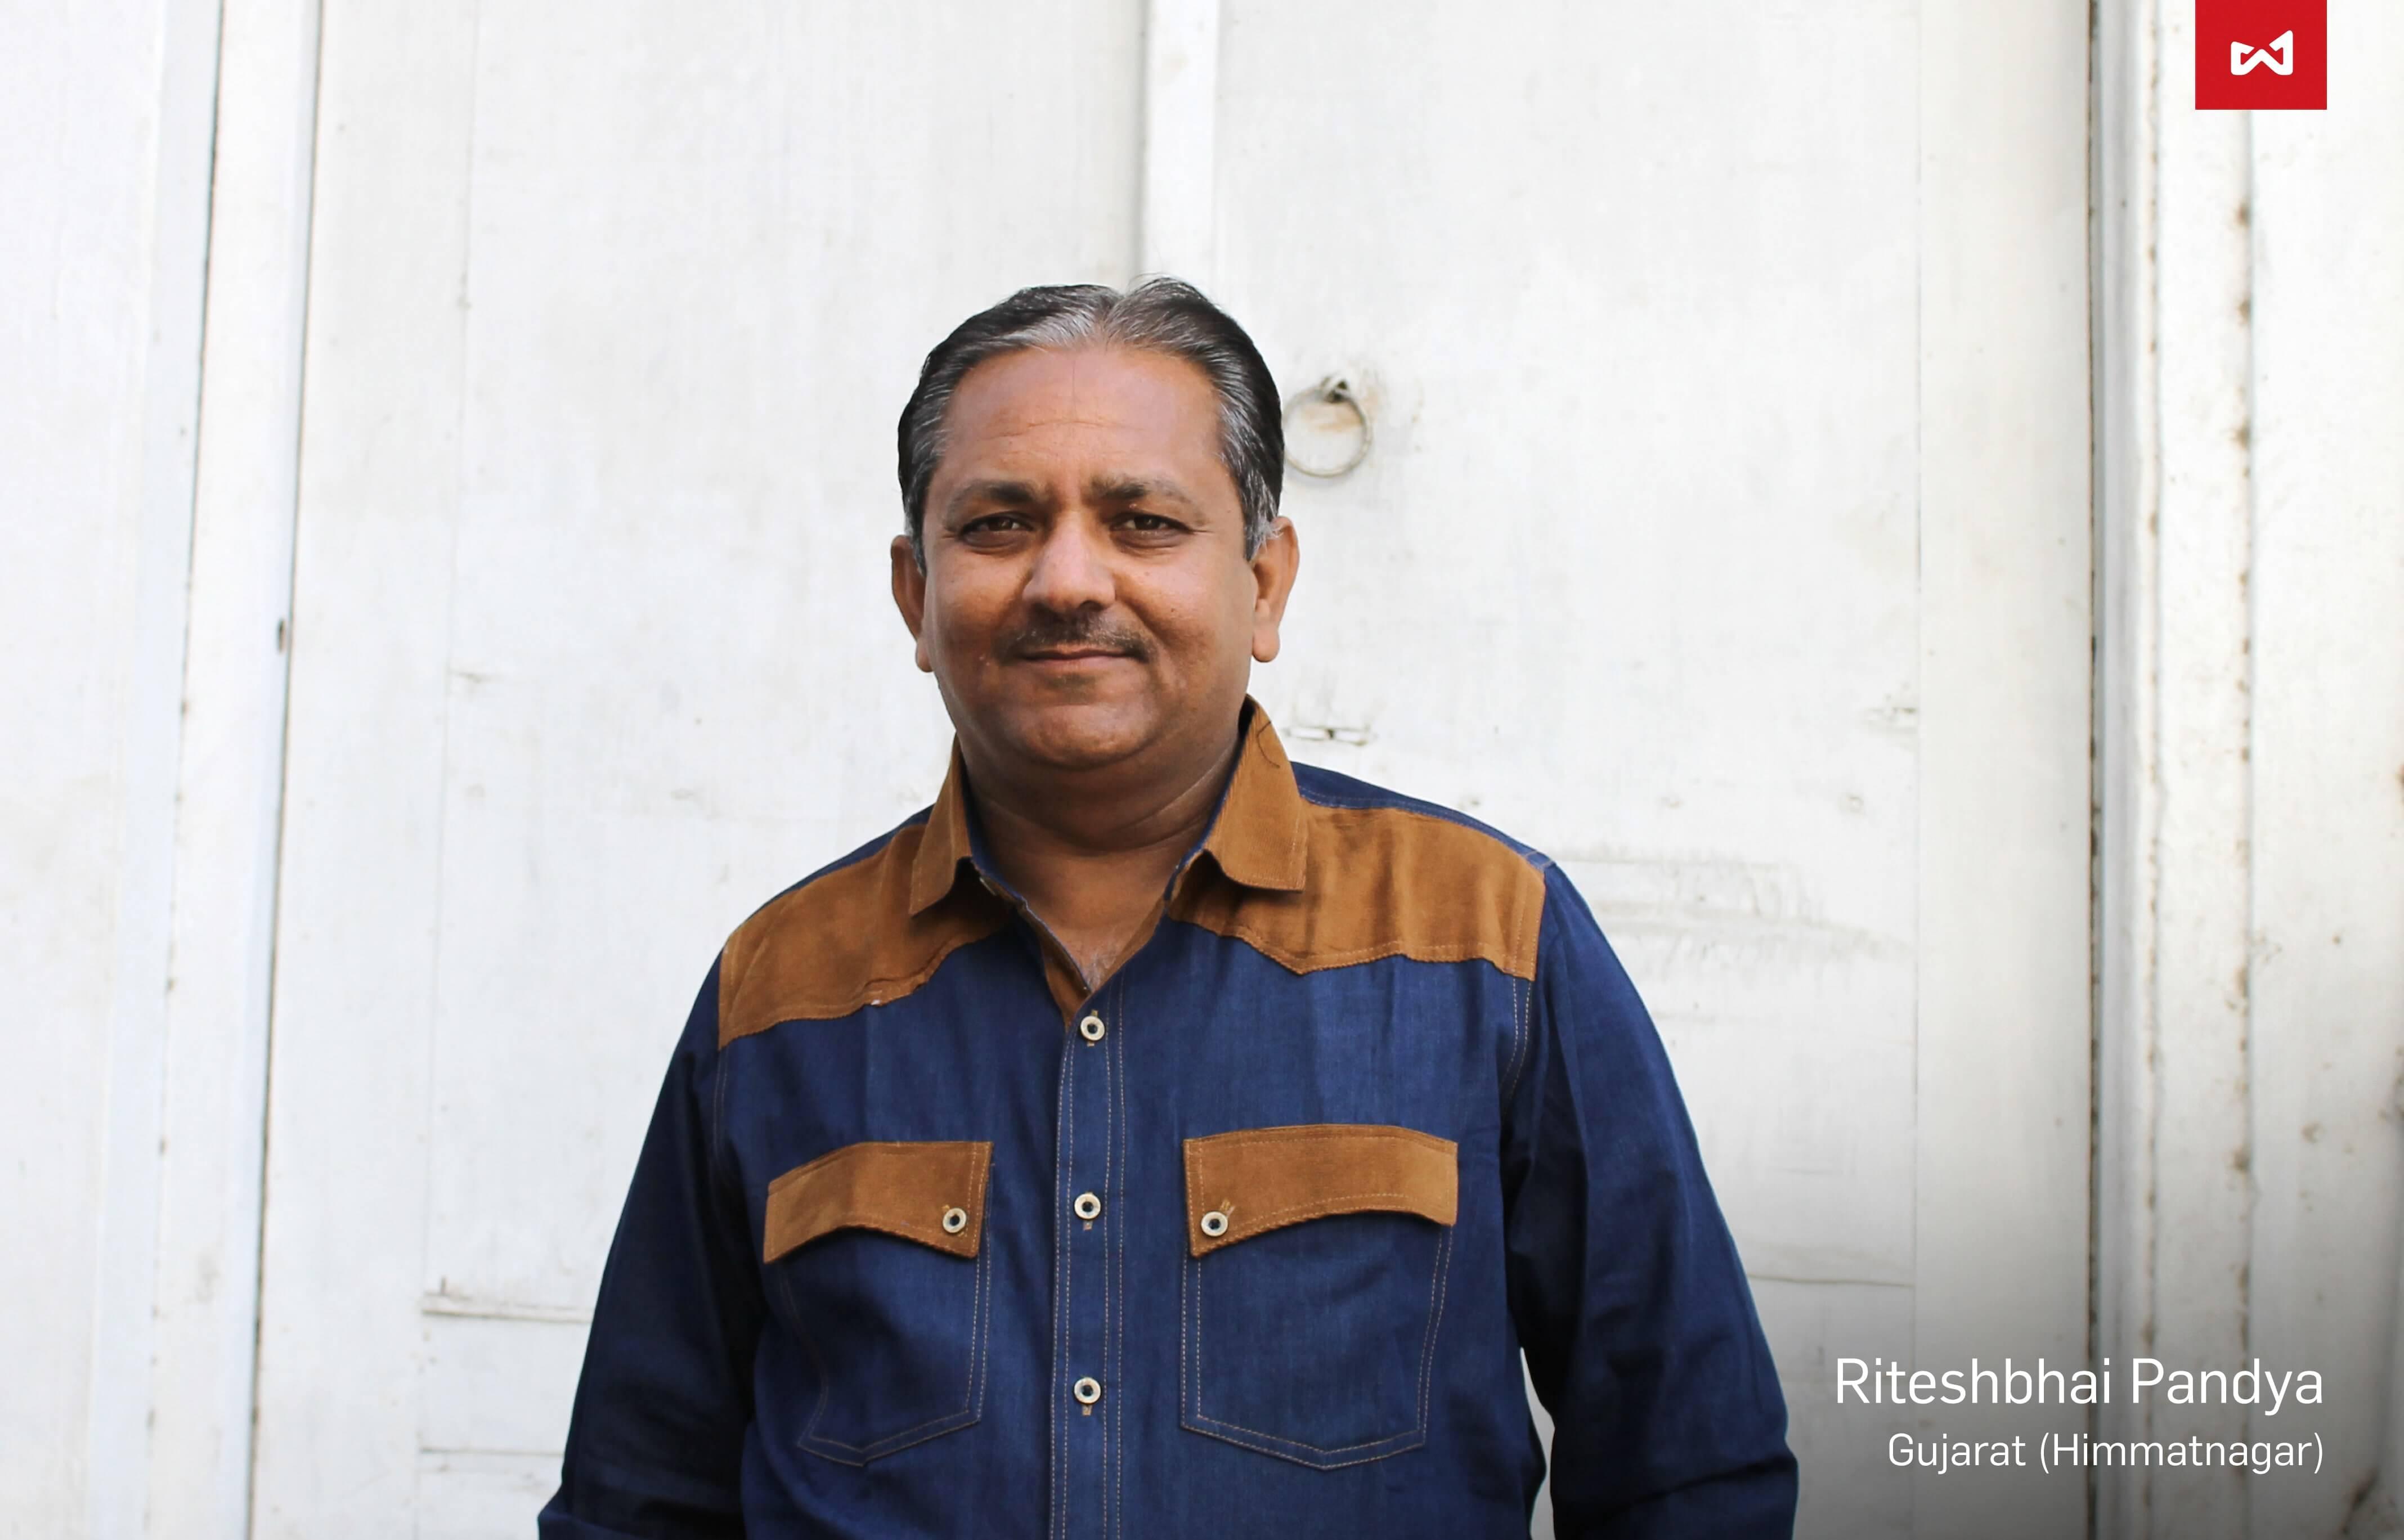 Riteshbhai Pandya